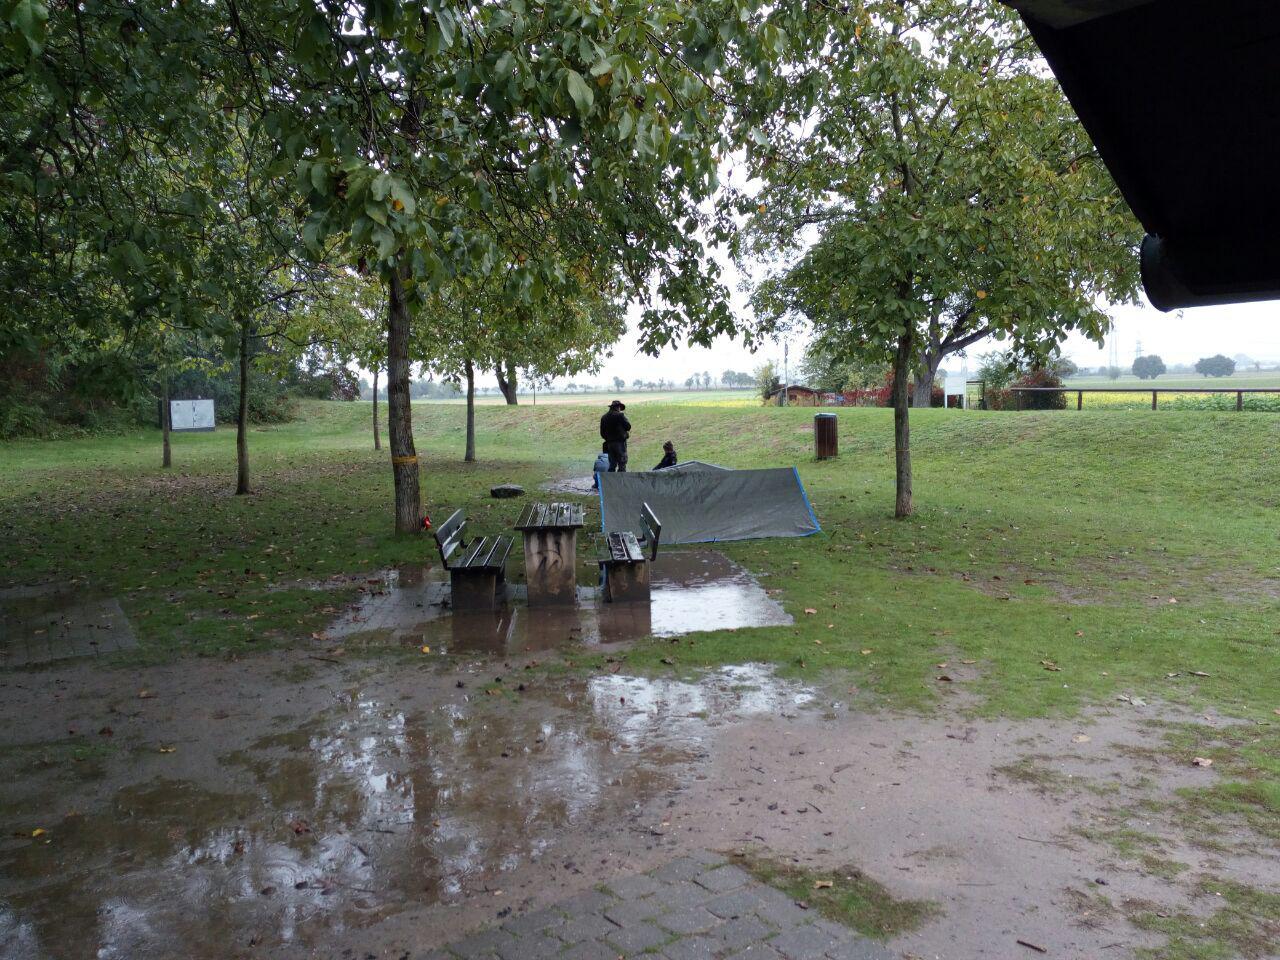 Der Picknickbereich glich einer Wattwanderung.